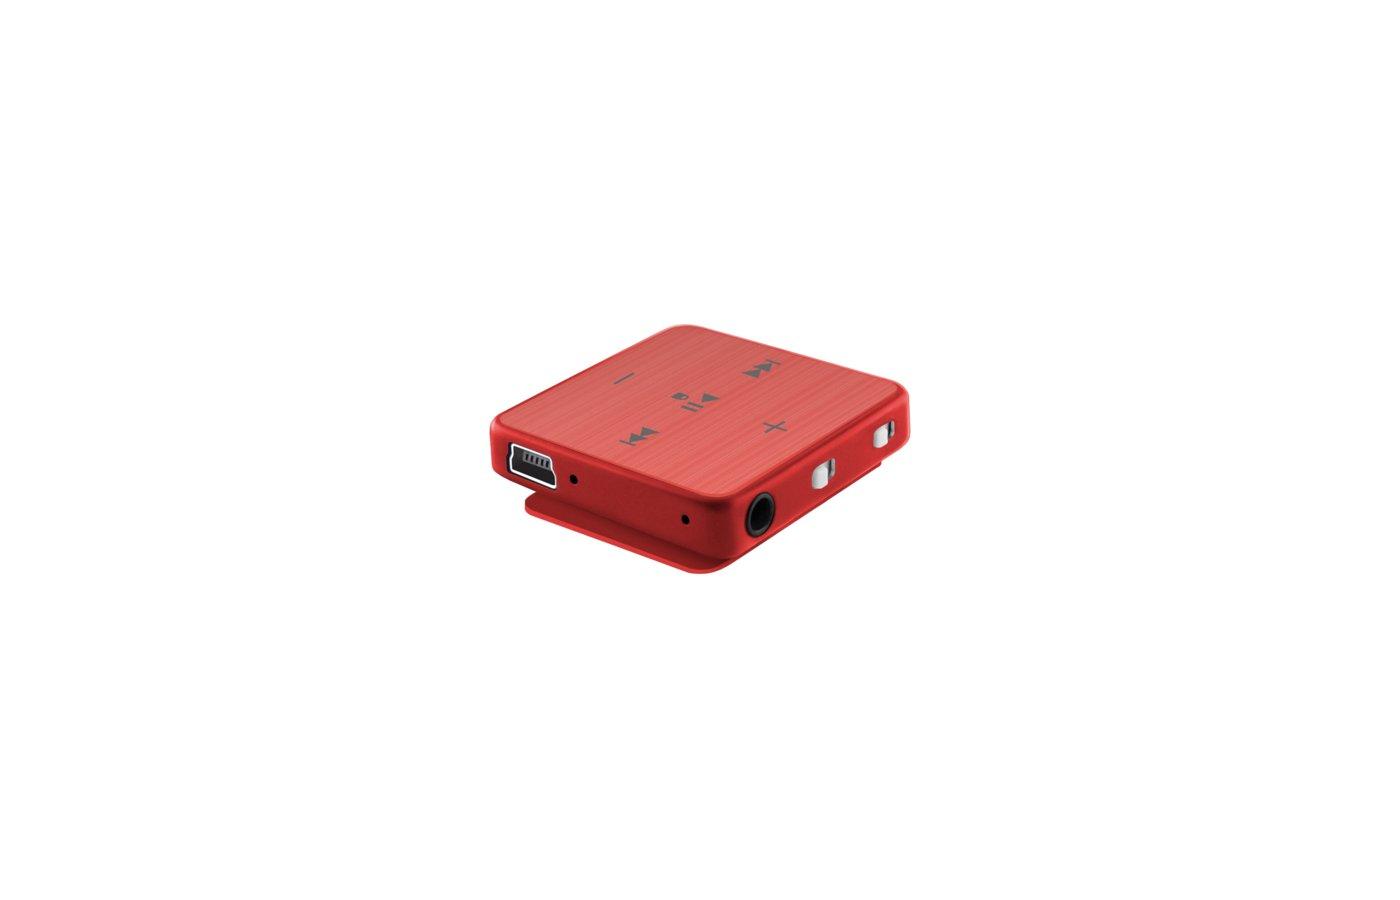 МР3 плеер TeXet T-22 4Gb красный